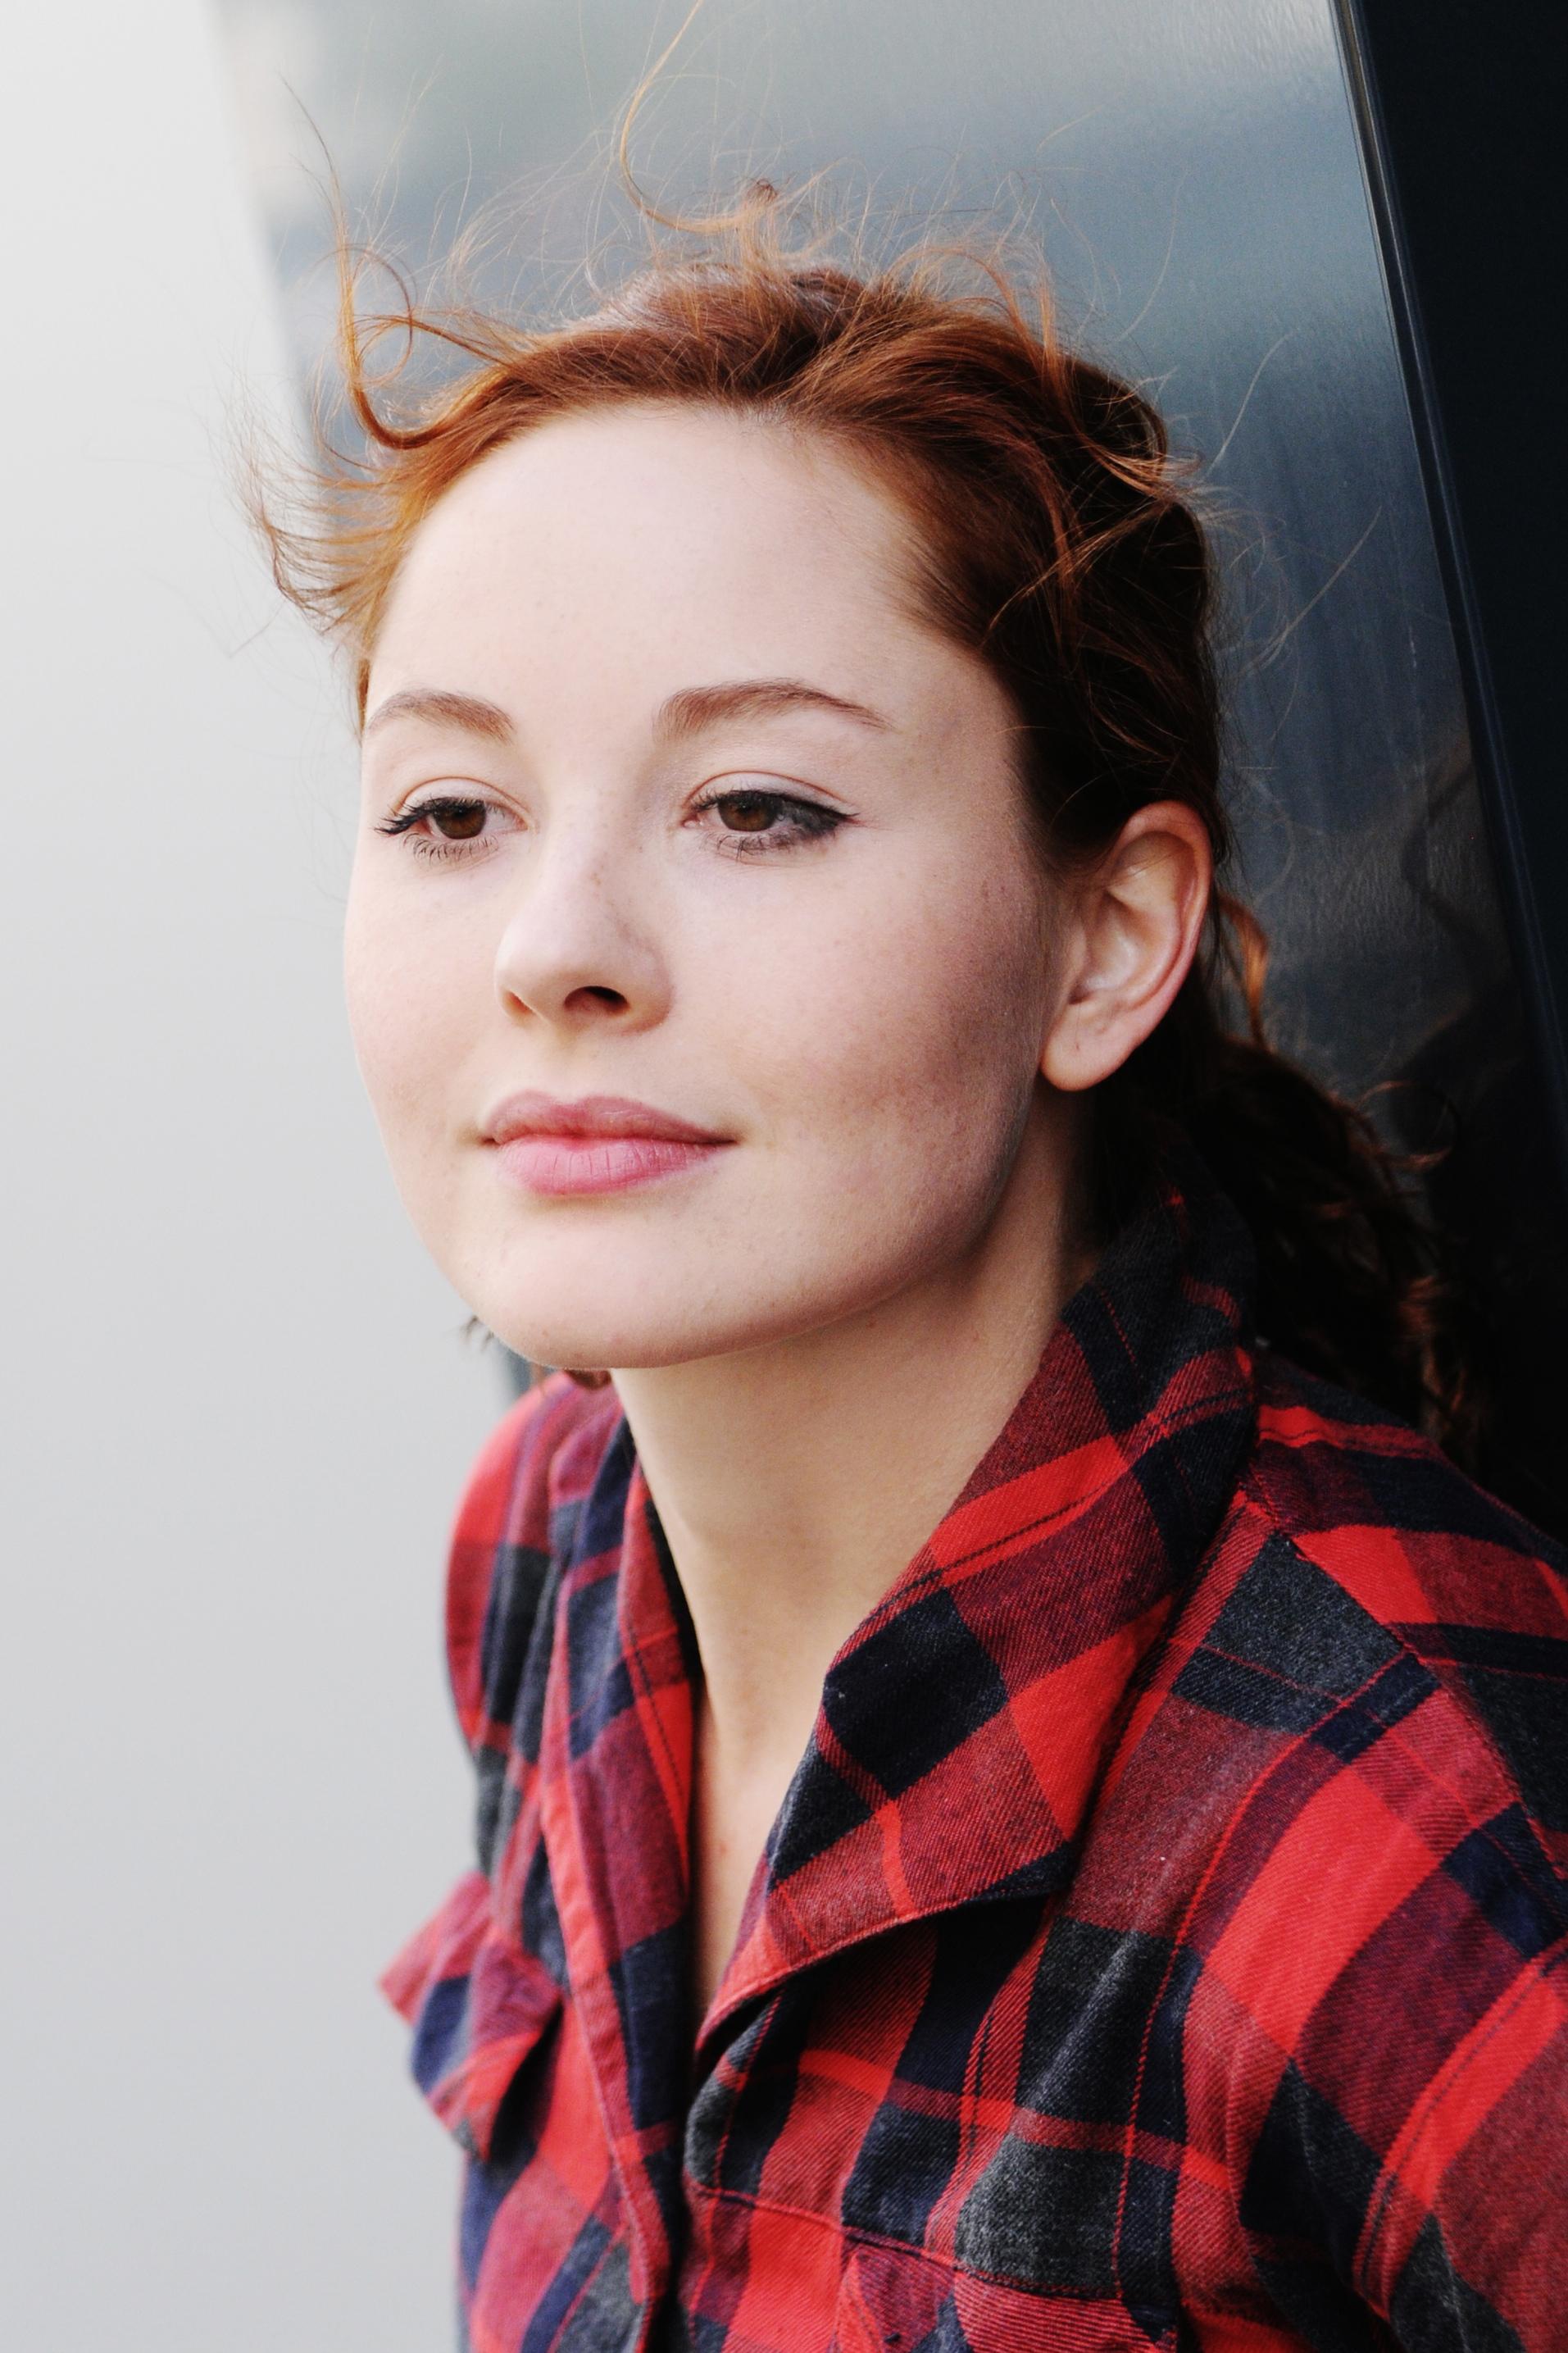 Elinor Eidt